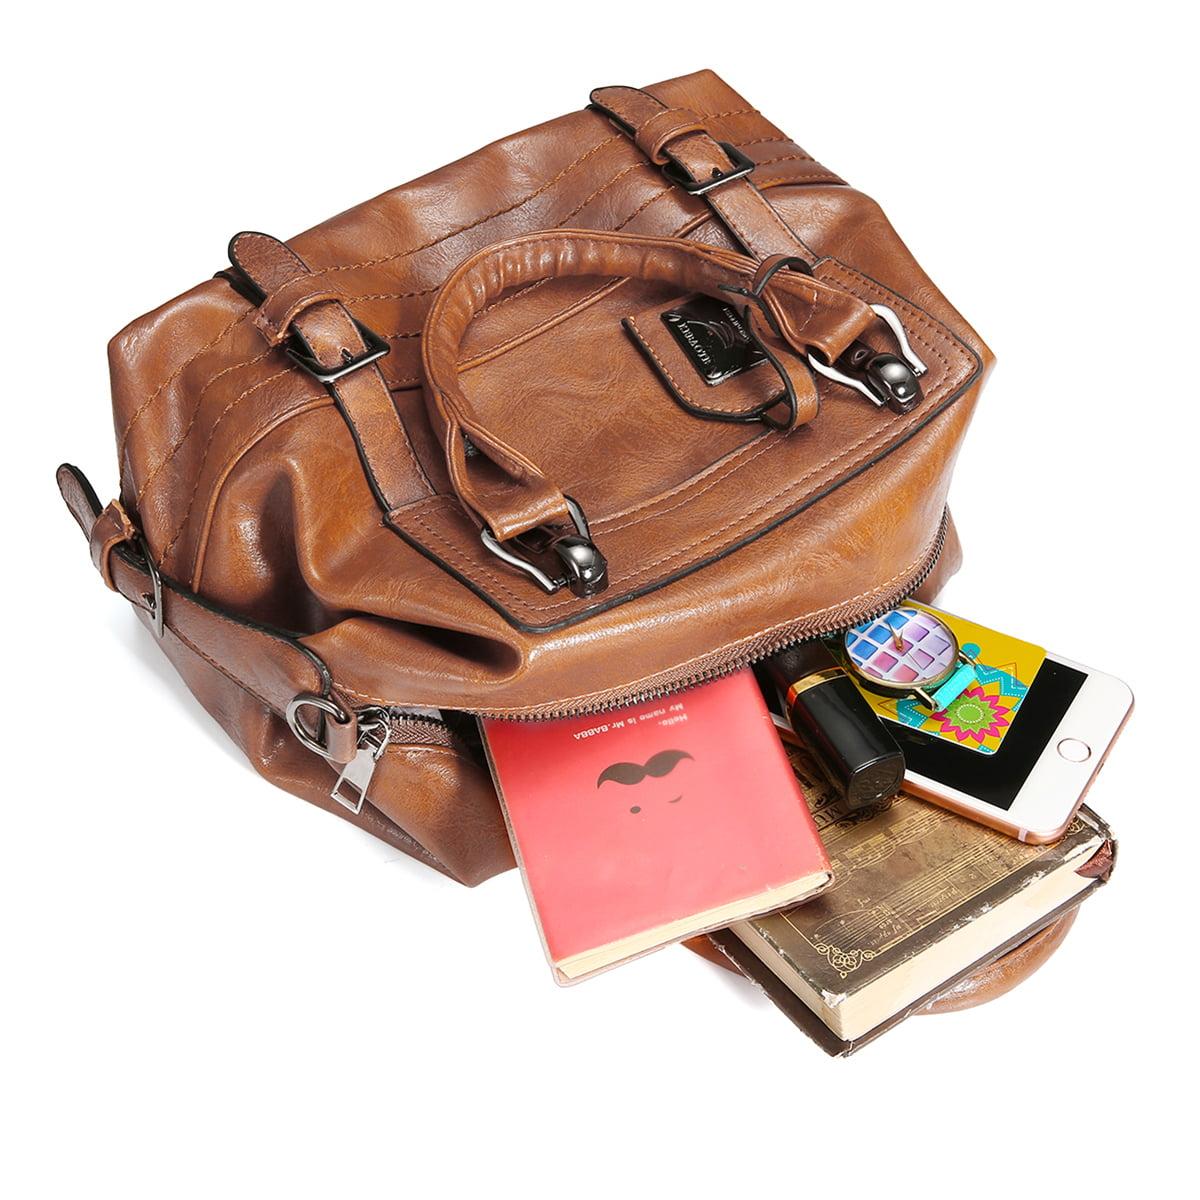 Details about  /Women Faux Leather Handbag Shoulder Tote Purse Satchel Messenger Bag AL